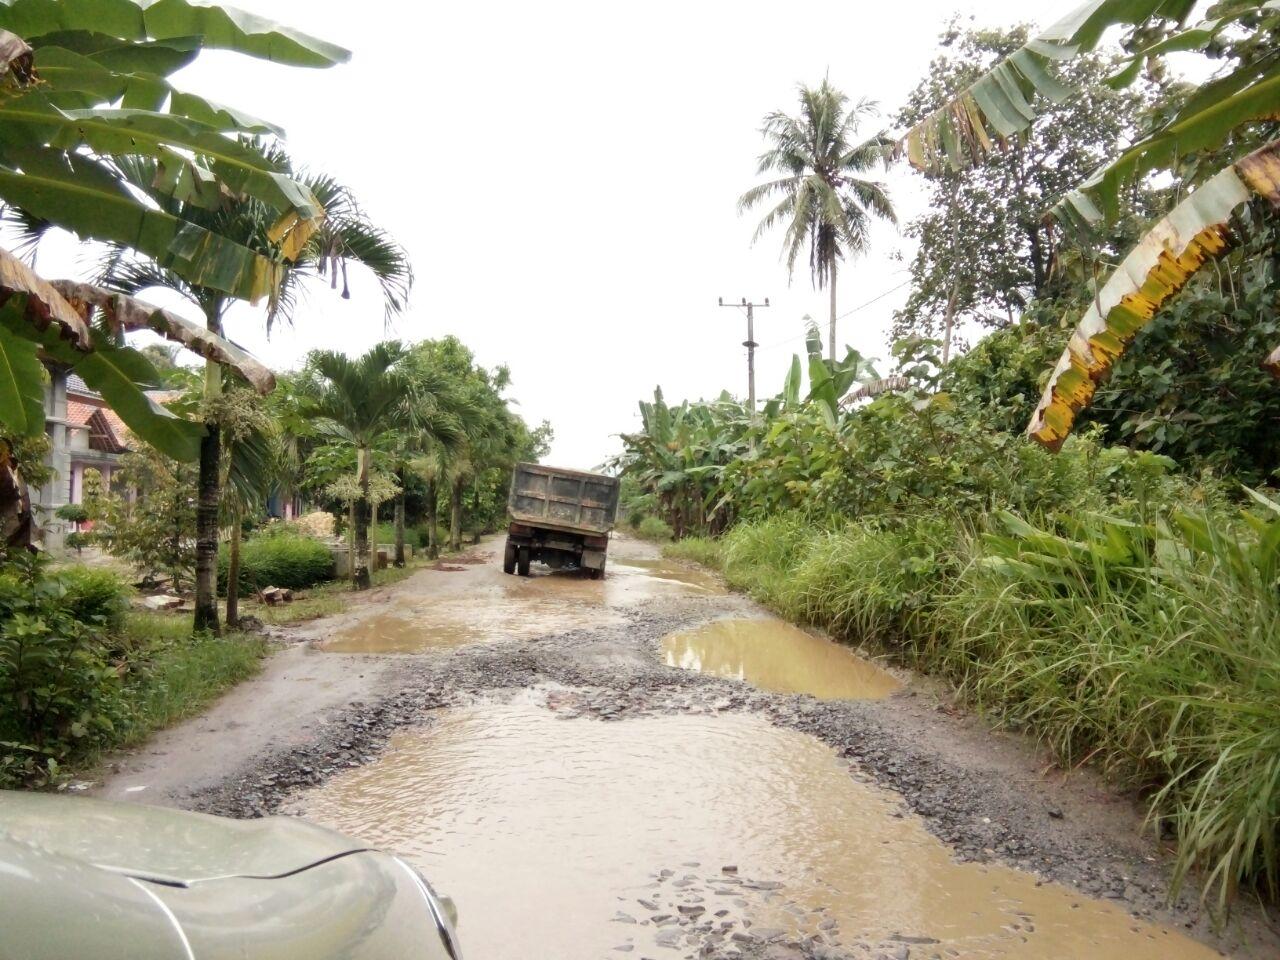 Tonase, Curah Hujan dan Tanah Labil Jadi Faktor Penyebab Kerusakan Jalan